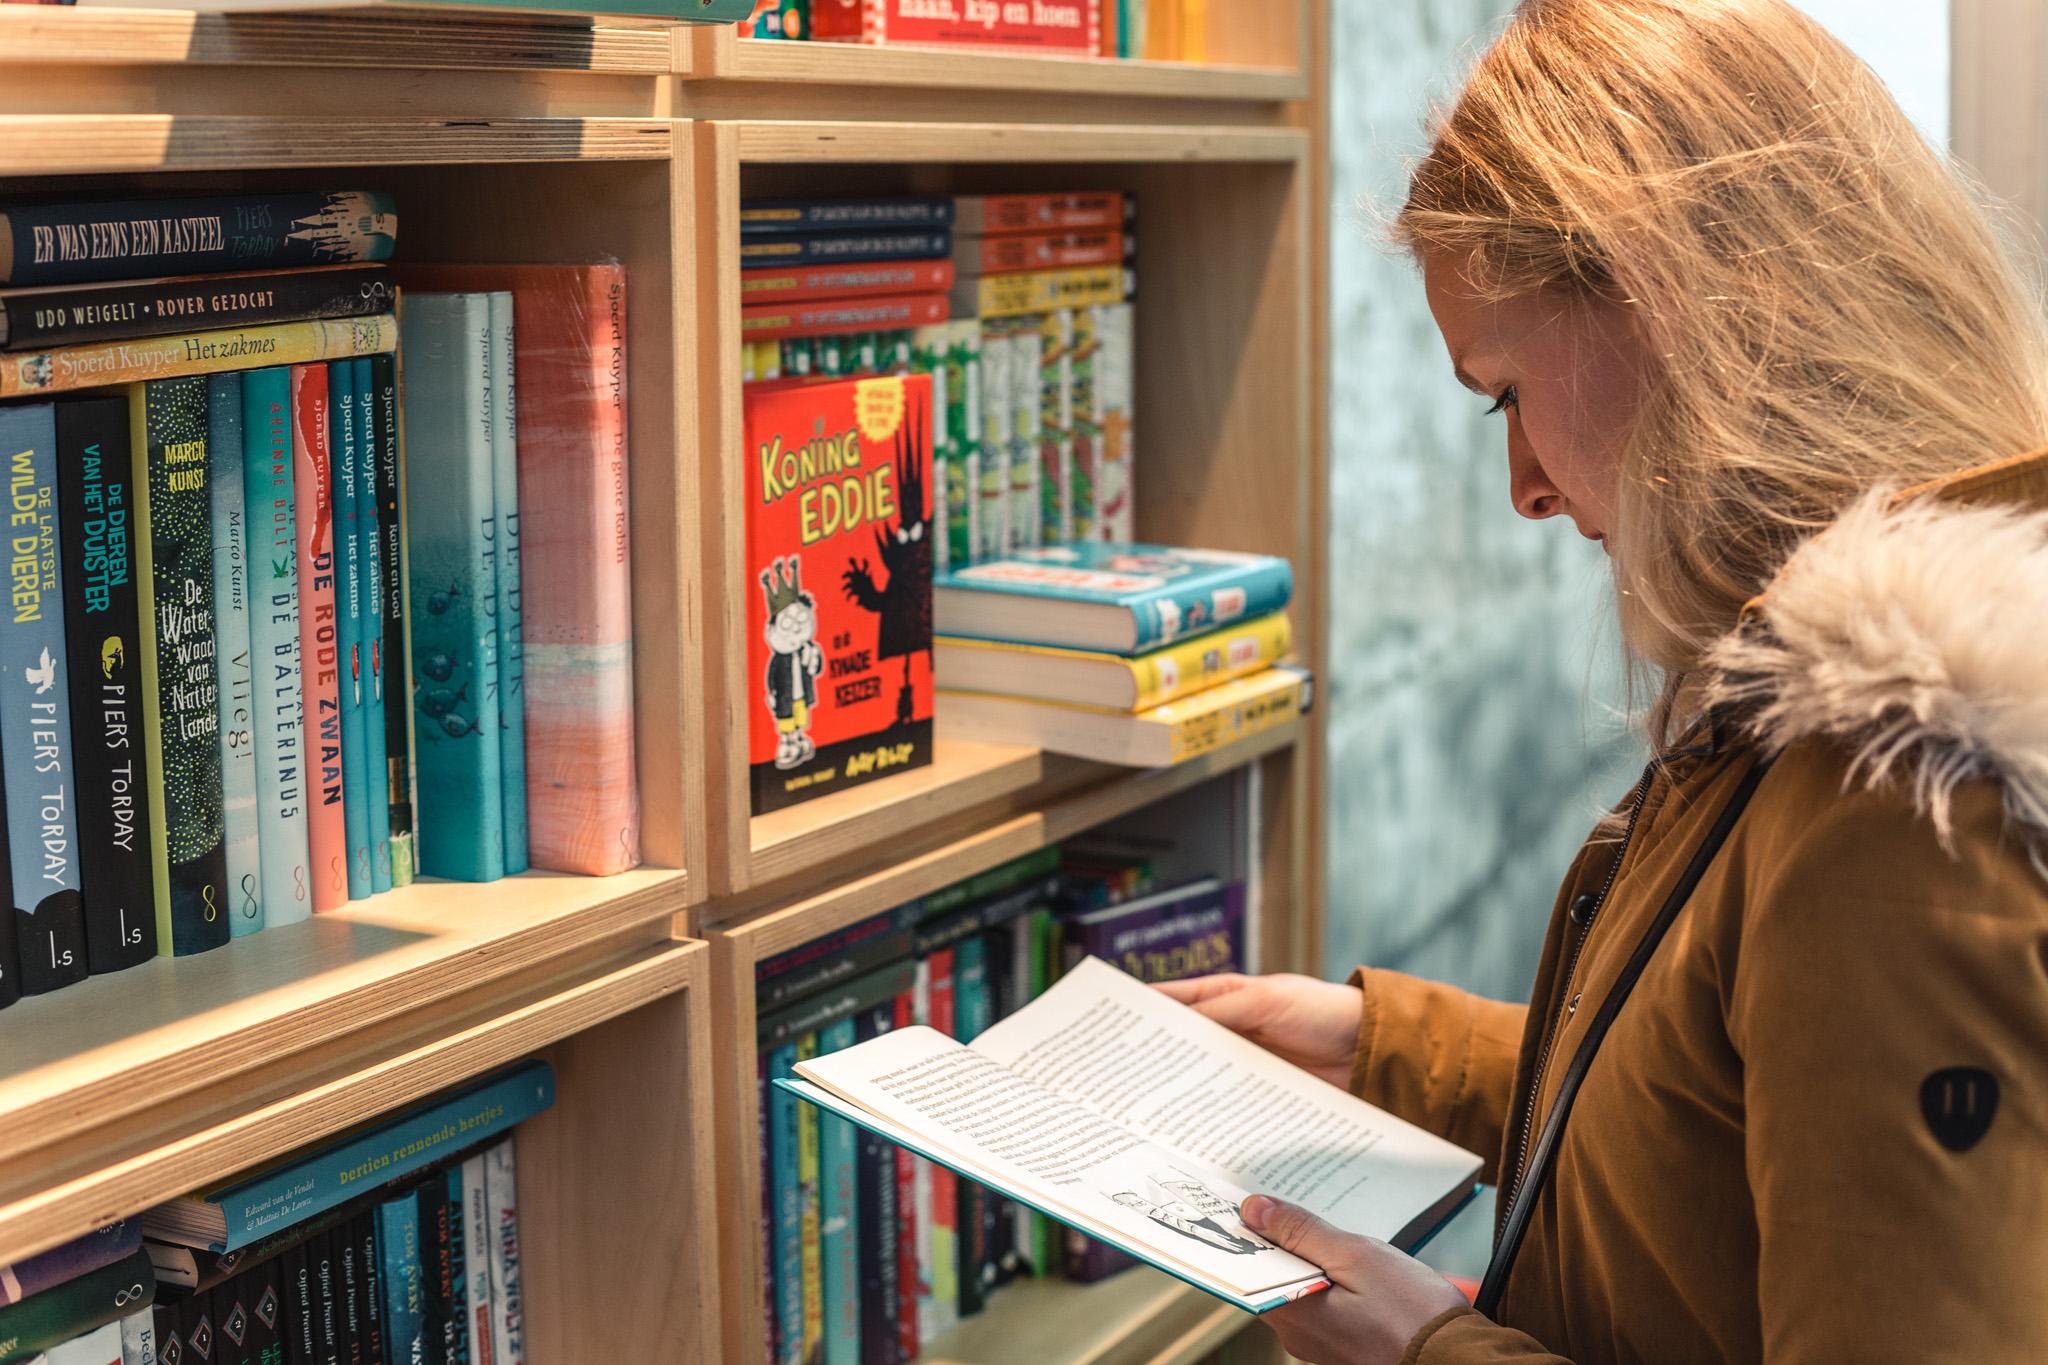 vrouw staat voor boekenkast en bladert door een boek